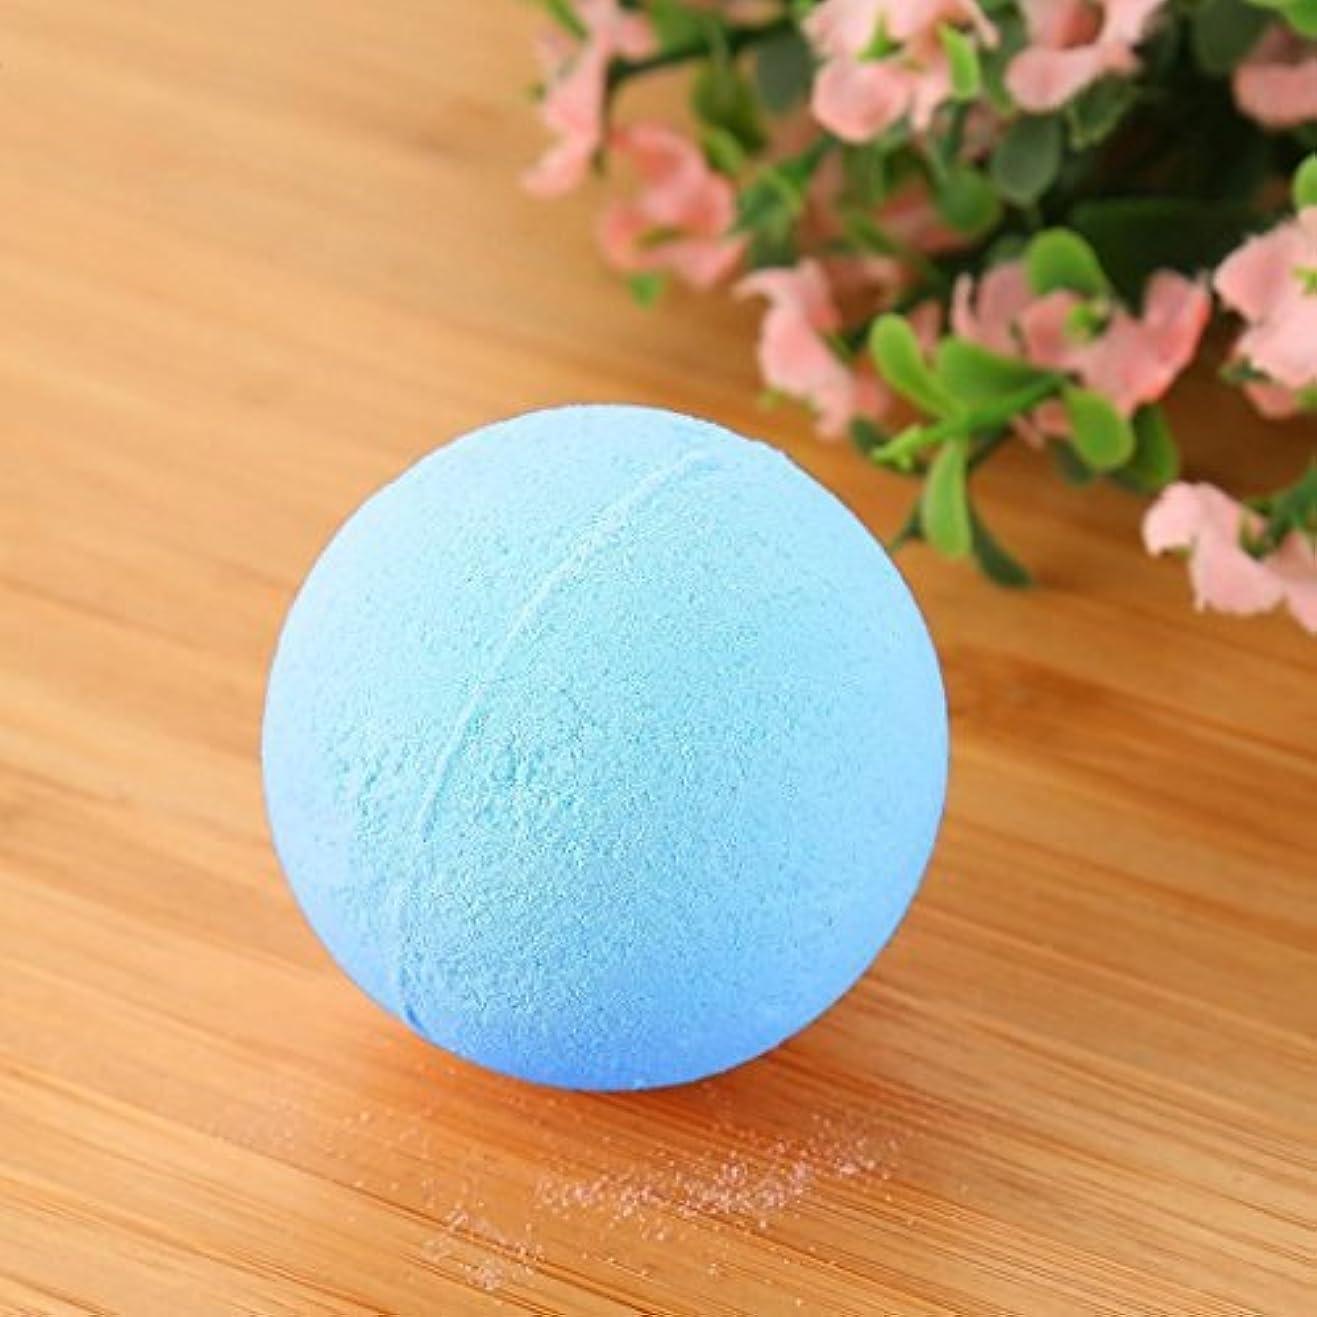 絶妙導出に変わるバブルボール塩塩浴リラックス女性のための贈り物